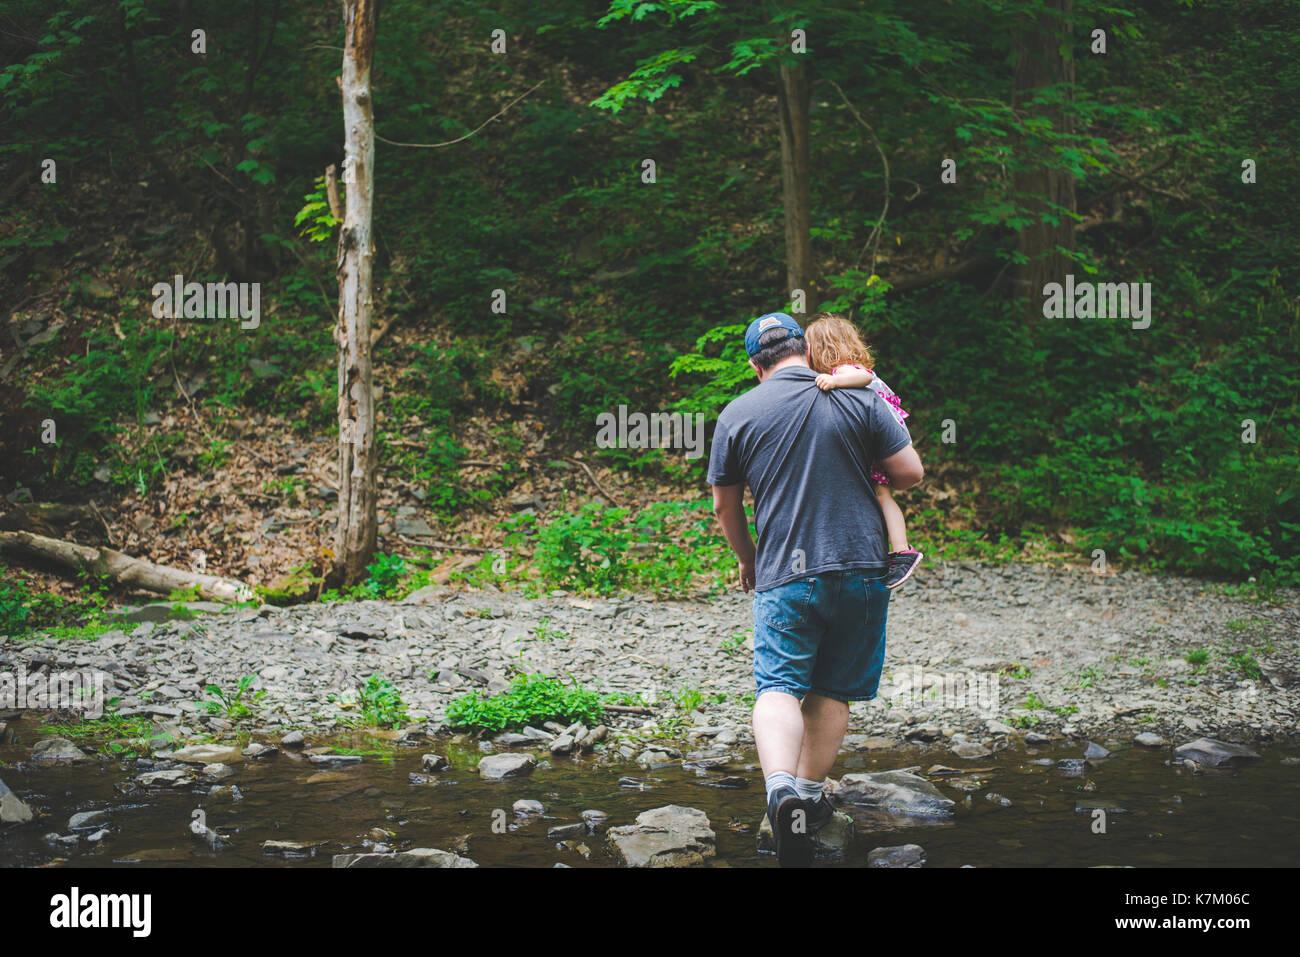 Un padre lleva a su hija durante una caminata en el bosque. Imagen De Stock